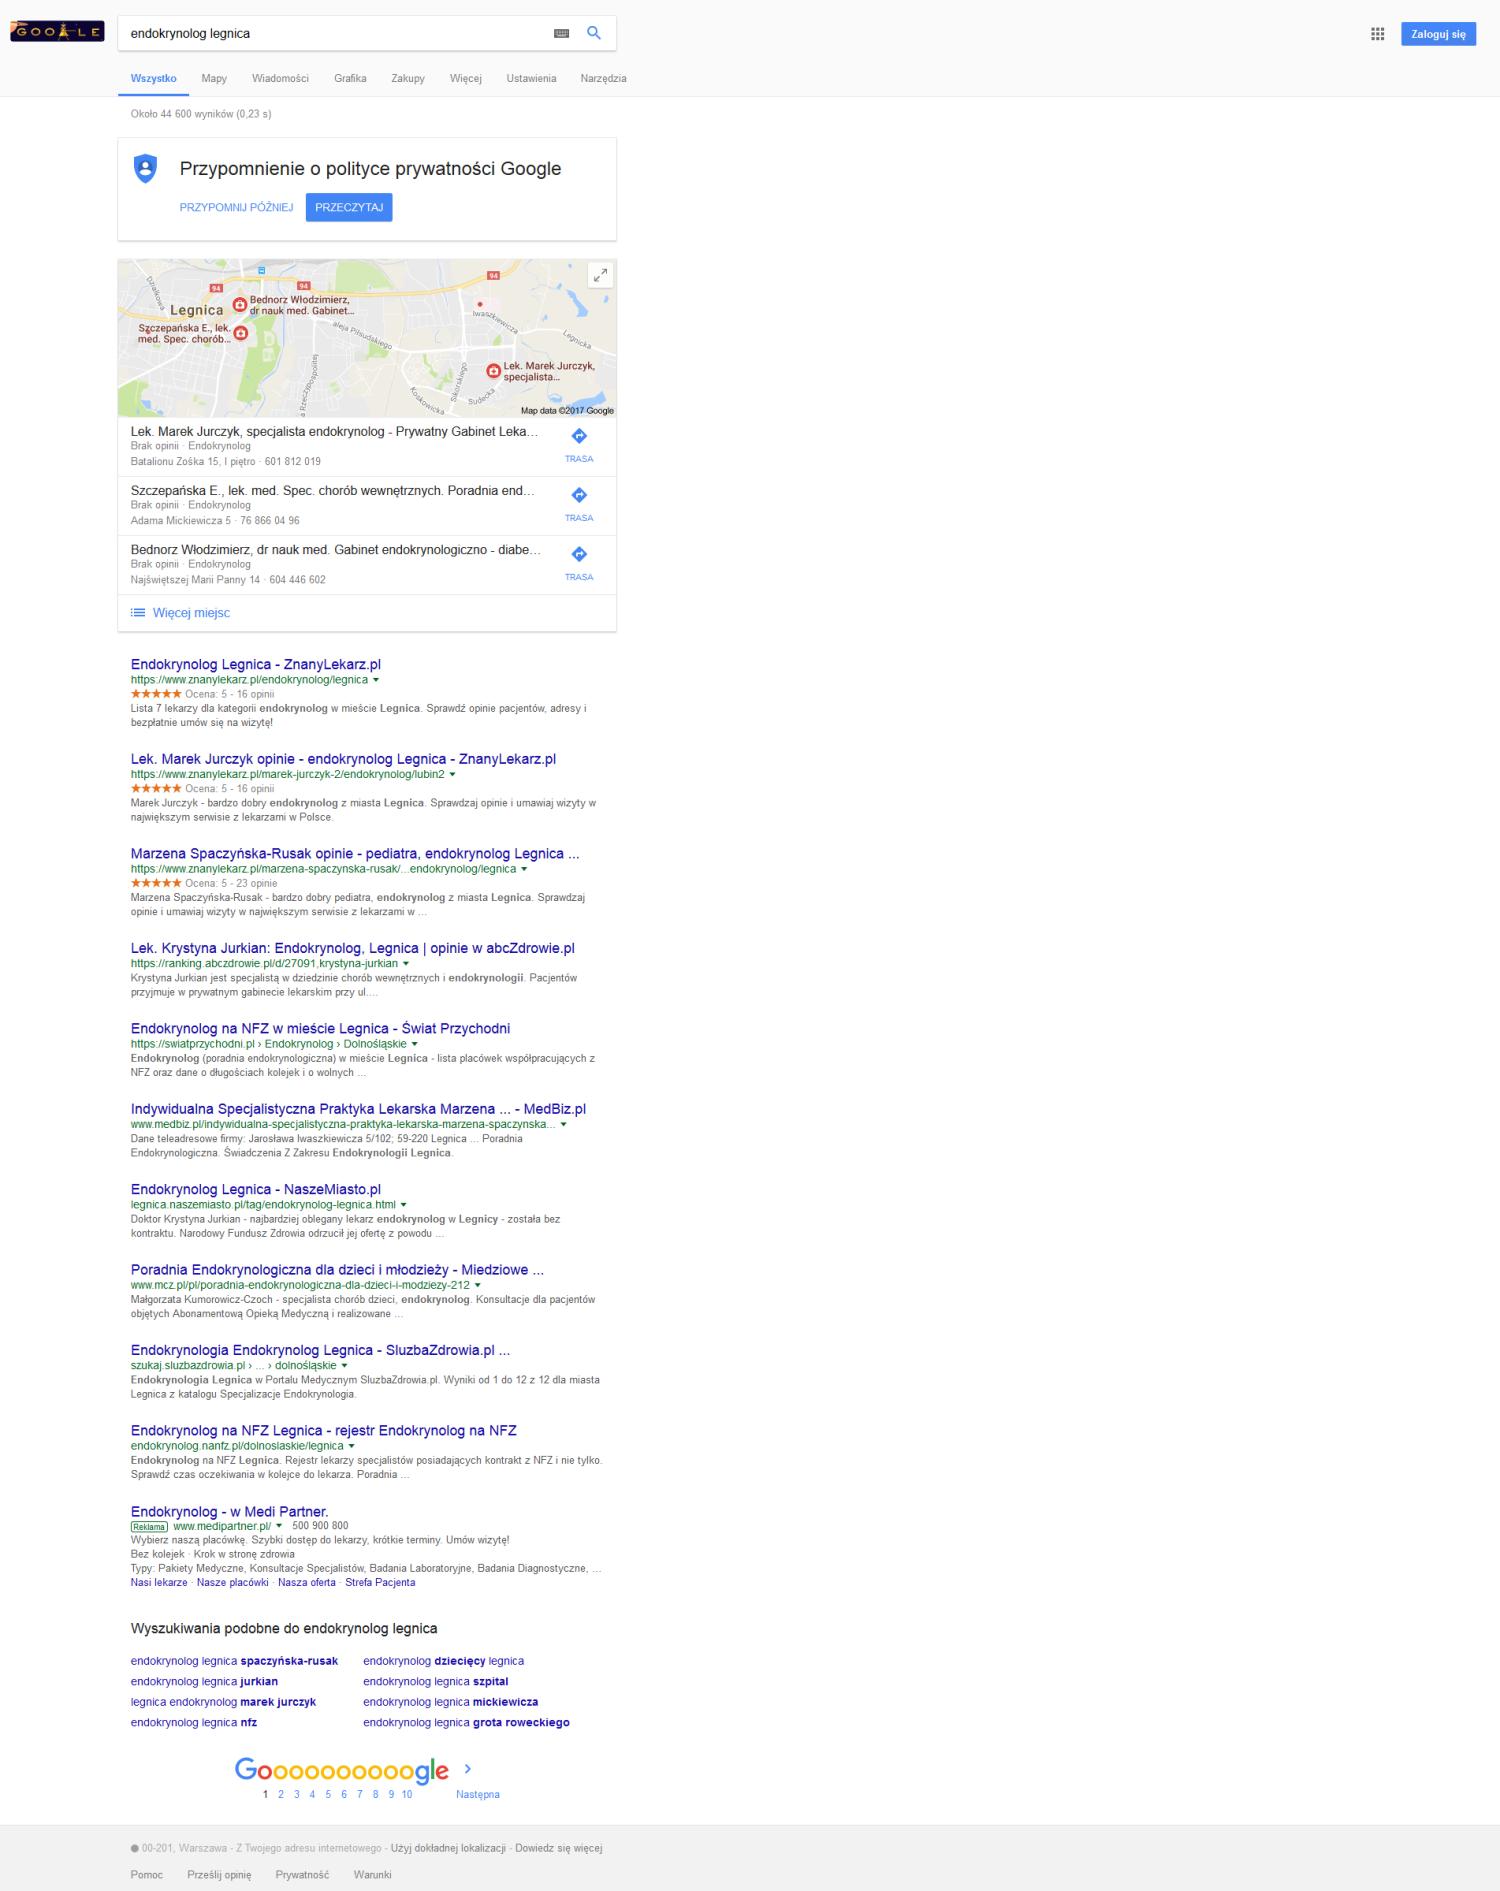 endokrynolog legnica google